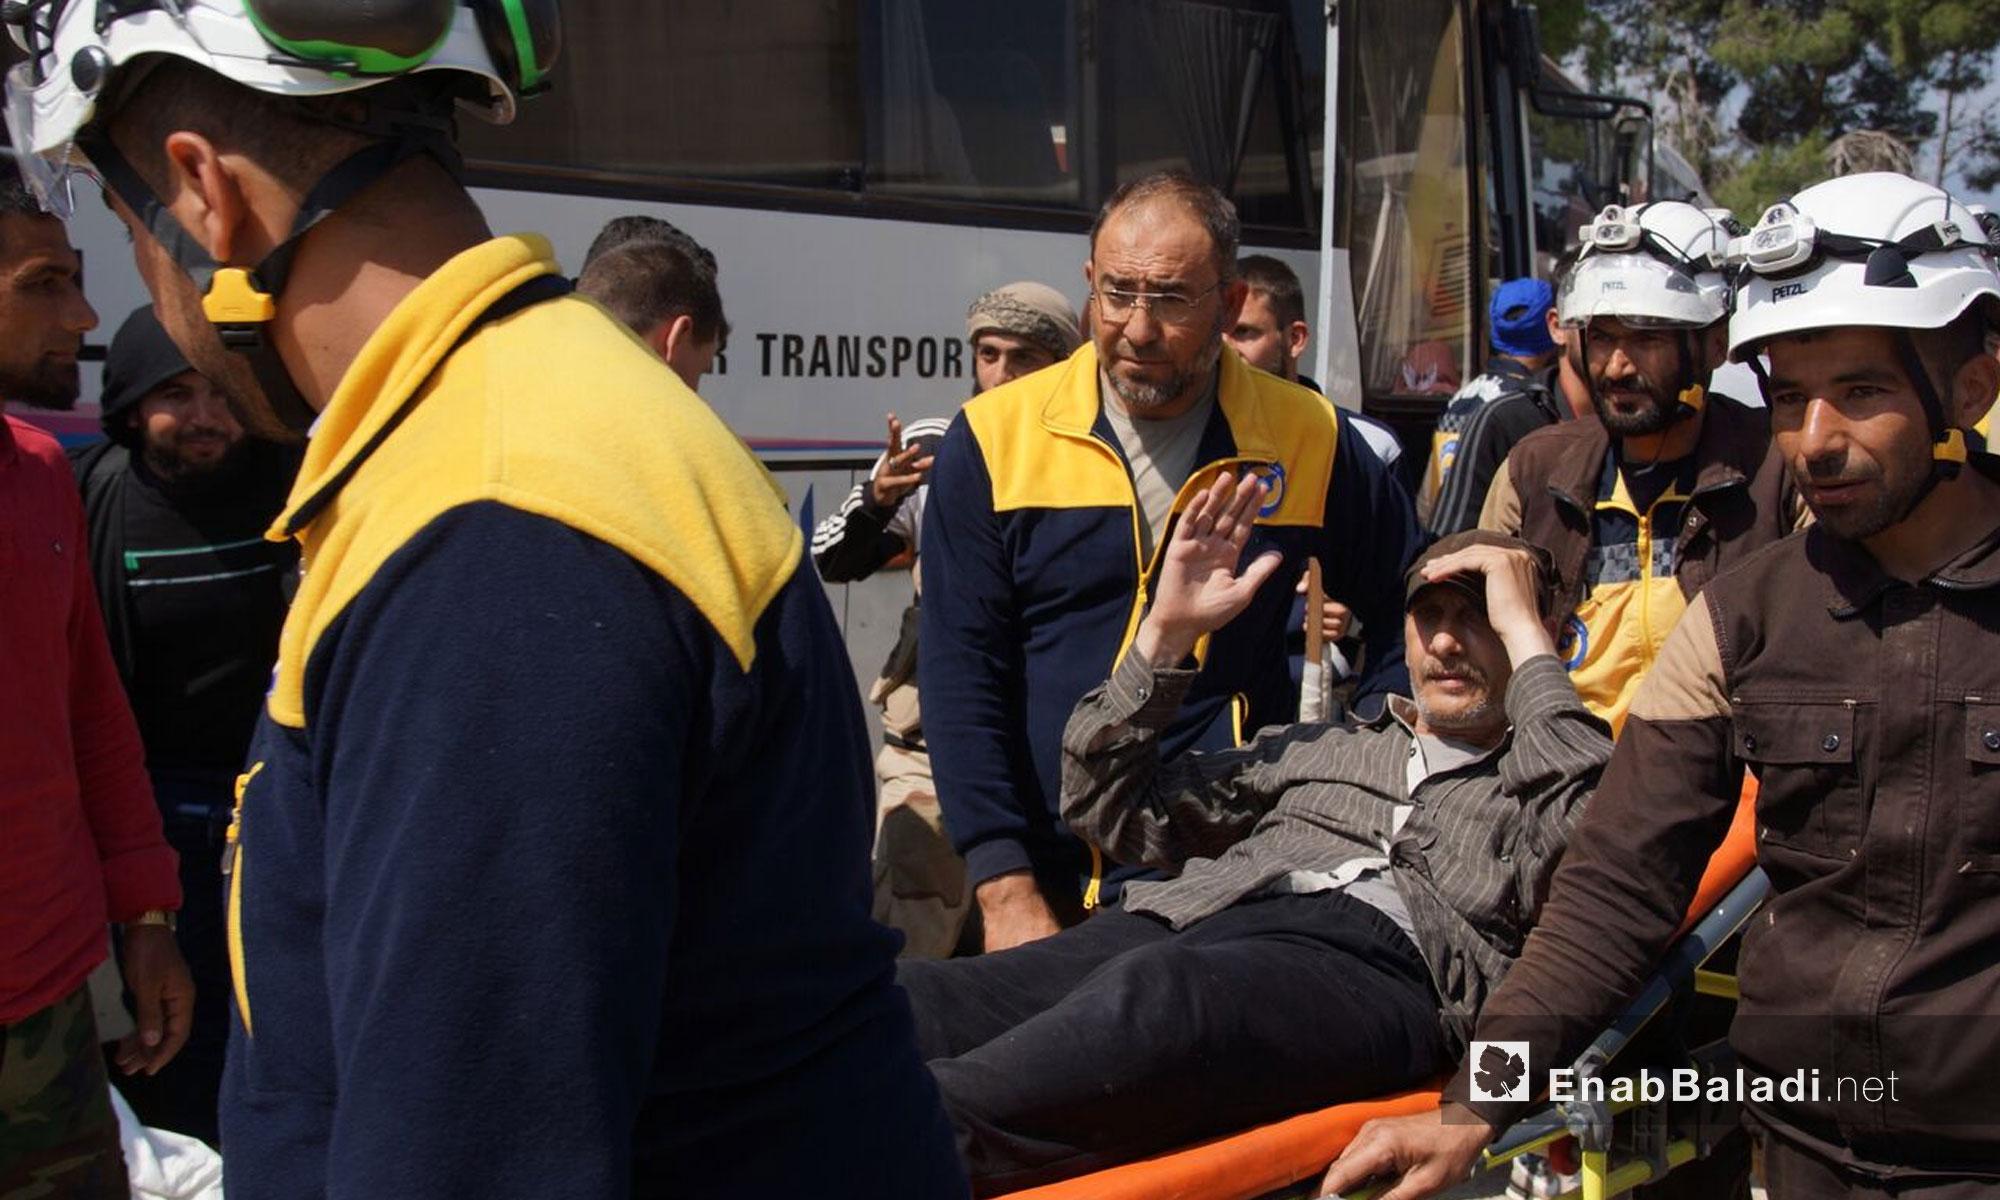 اسعاف المرضى من مهجري ريف حمص لحظة وصولهم إلى قلعة المضيق في ريف حماة - 10 أيار 2018 (عنب بلدي)